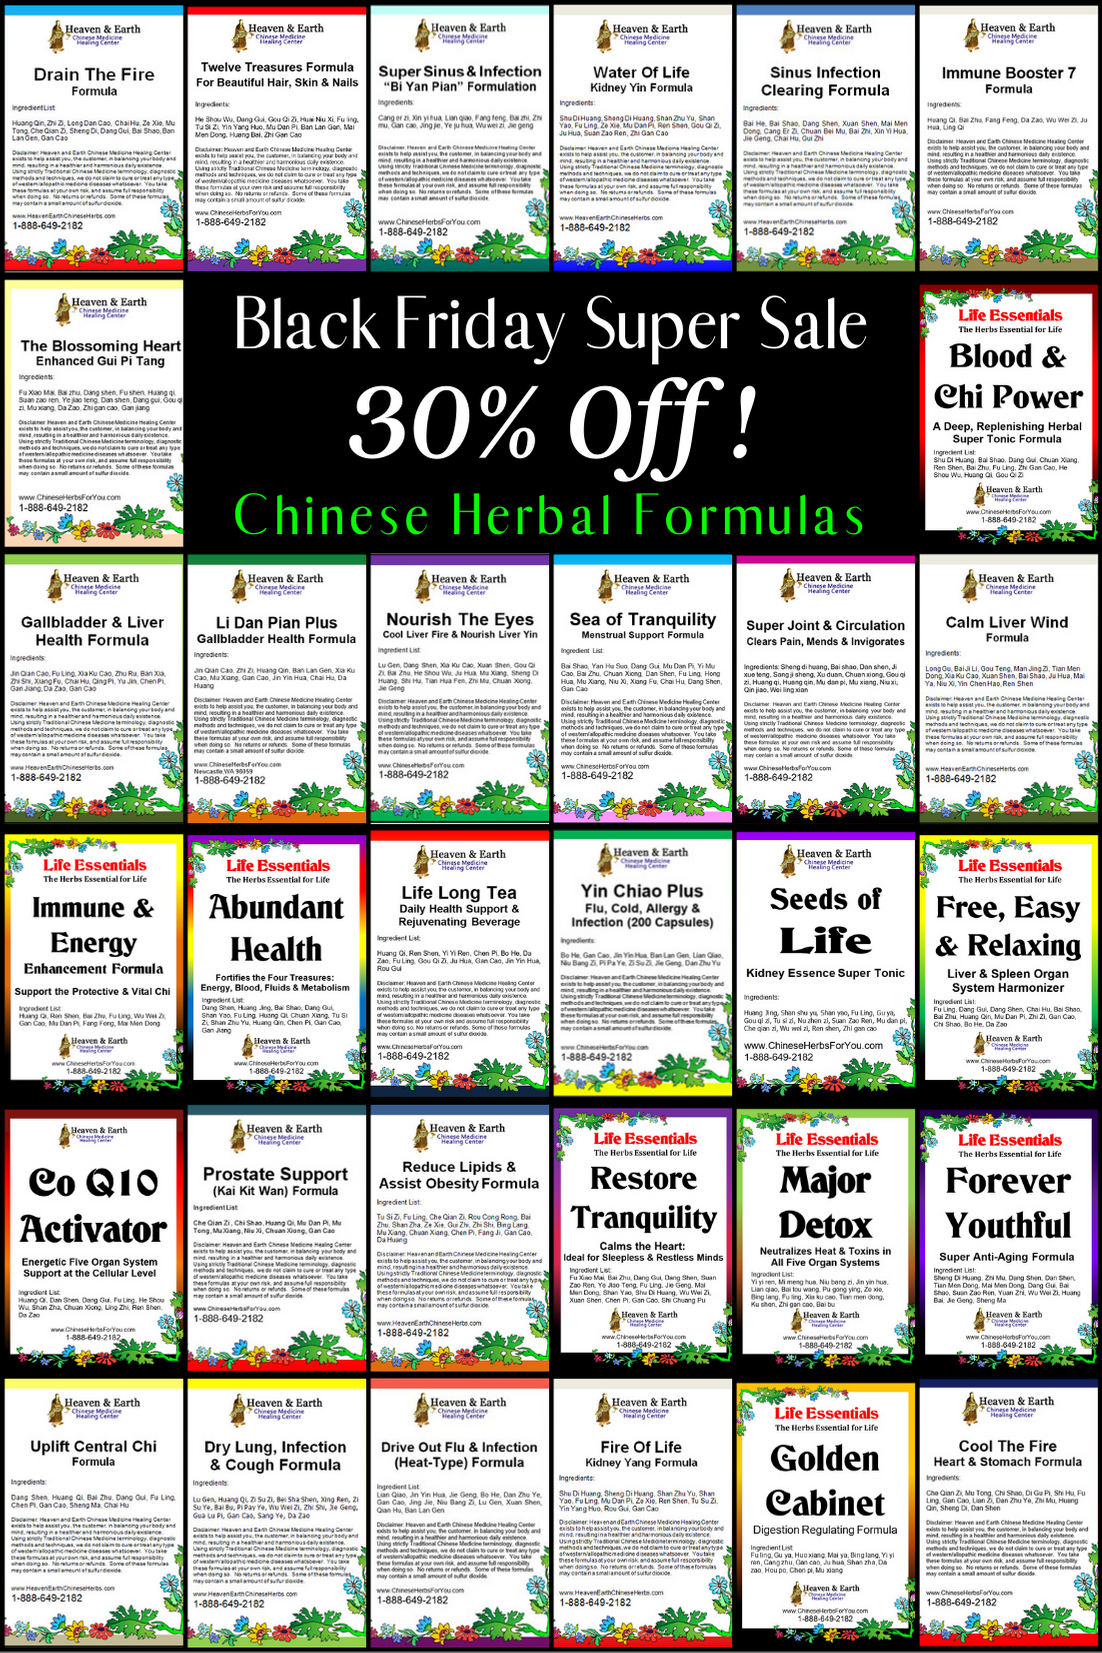 Black Friday 2020 - Formulas Poster 30% Off